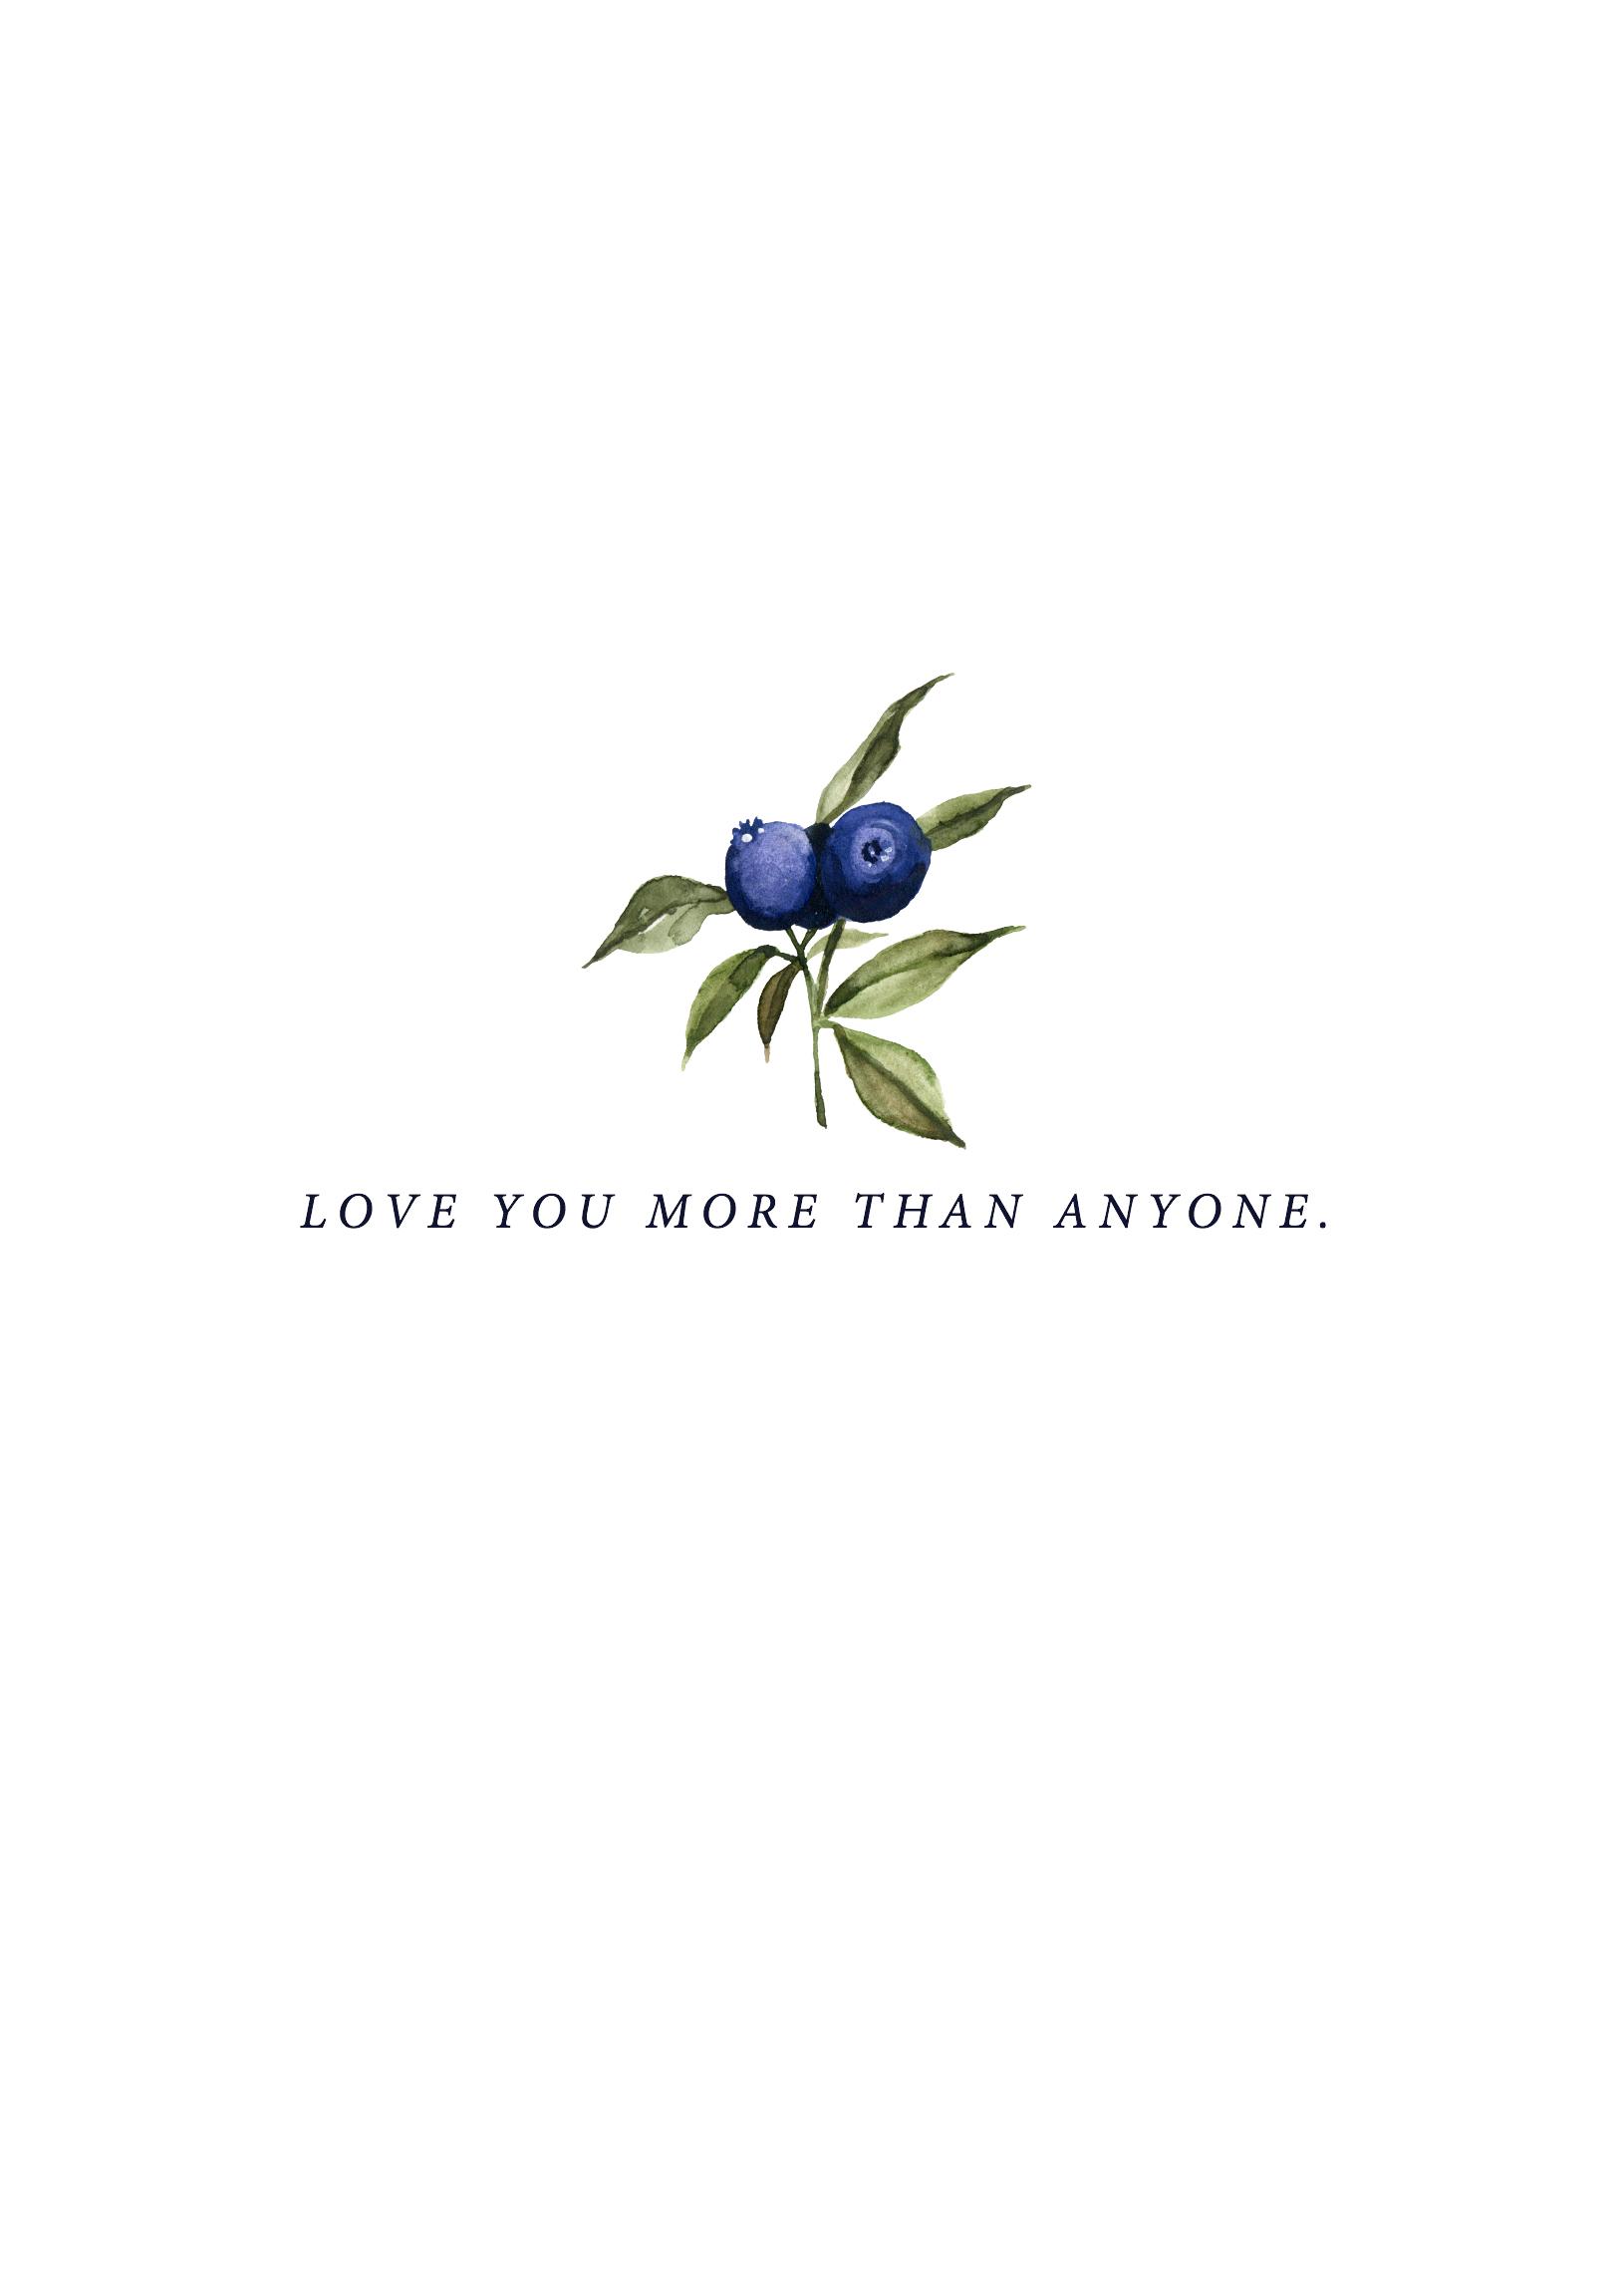 More Than Anyone.jpg